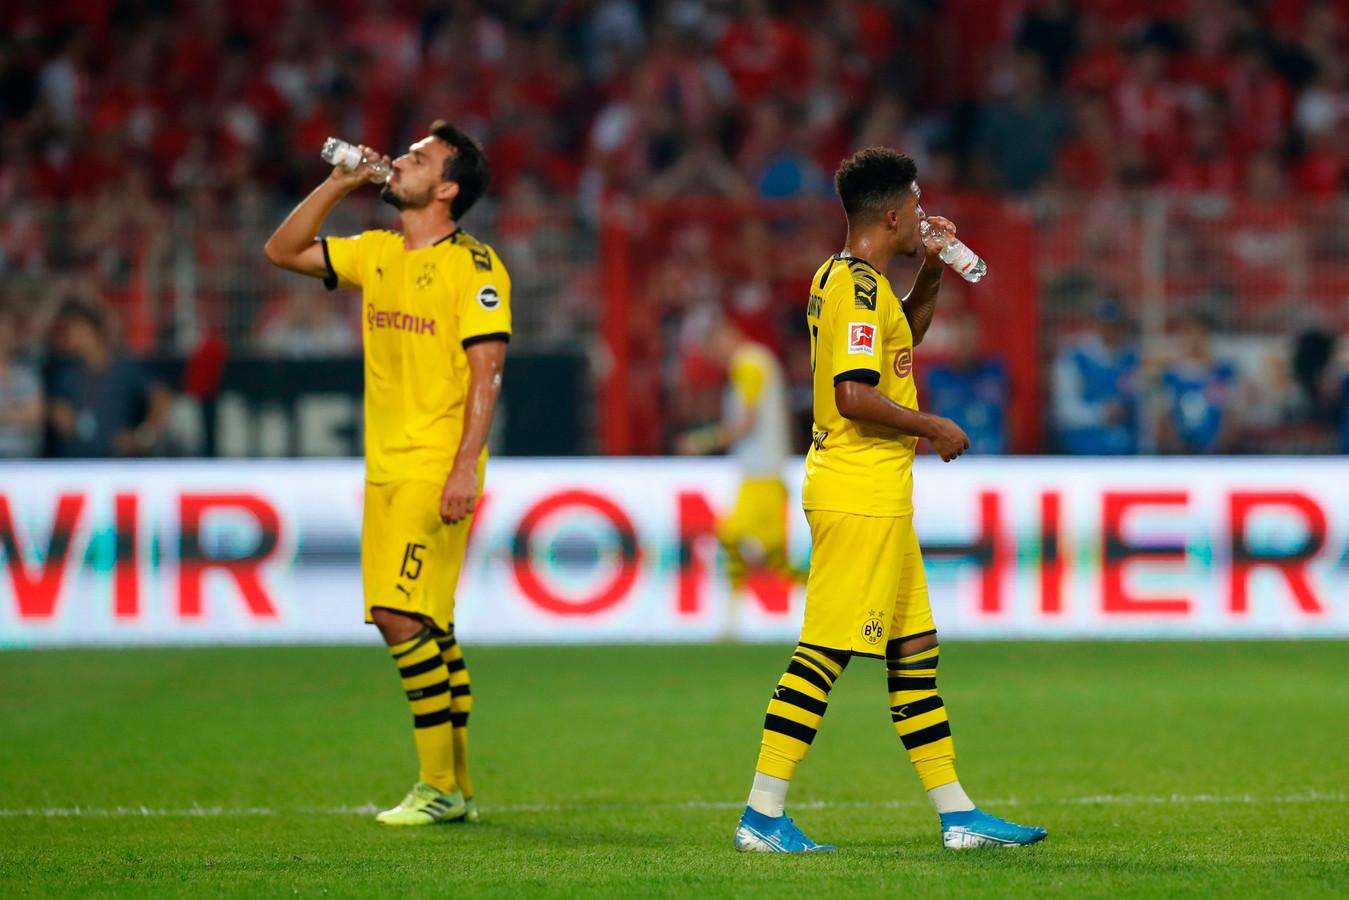 Borussia Dortmund-spelers Mats Hummels en Jadon Sancho tijdens een vanwege de hitte ingelaste drinkpauze in de wedstrijd bij 1. FC Union Berlin op 31 augustus.